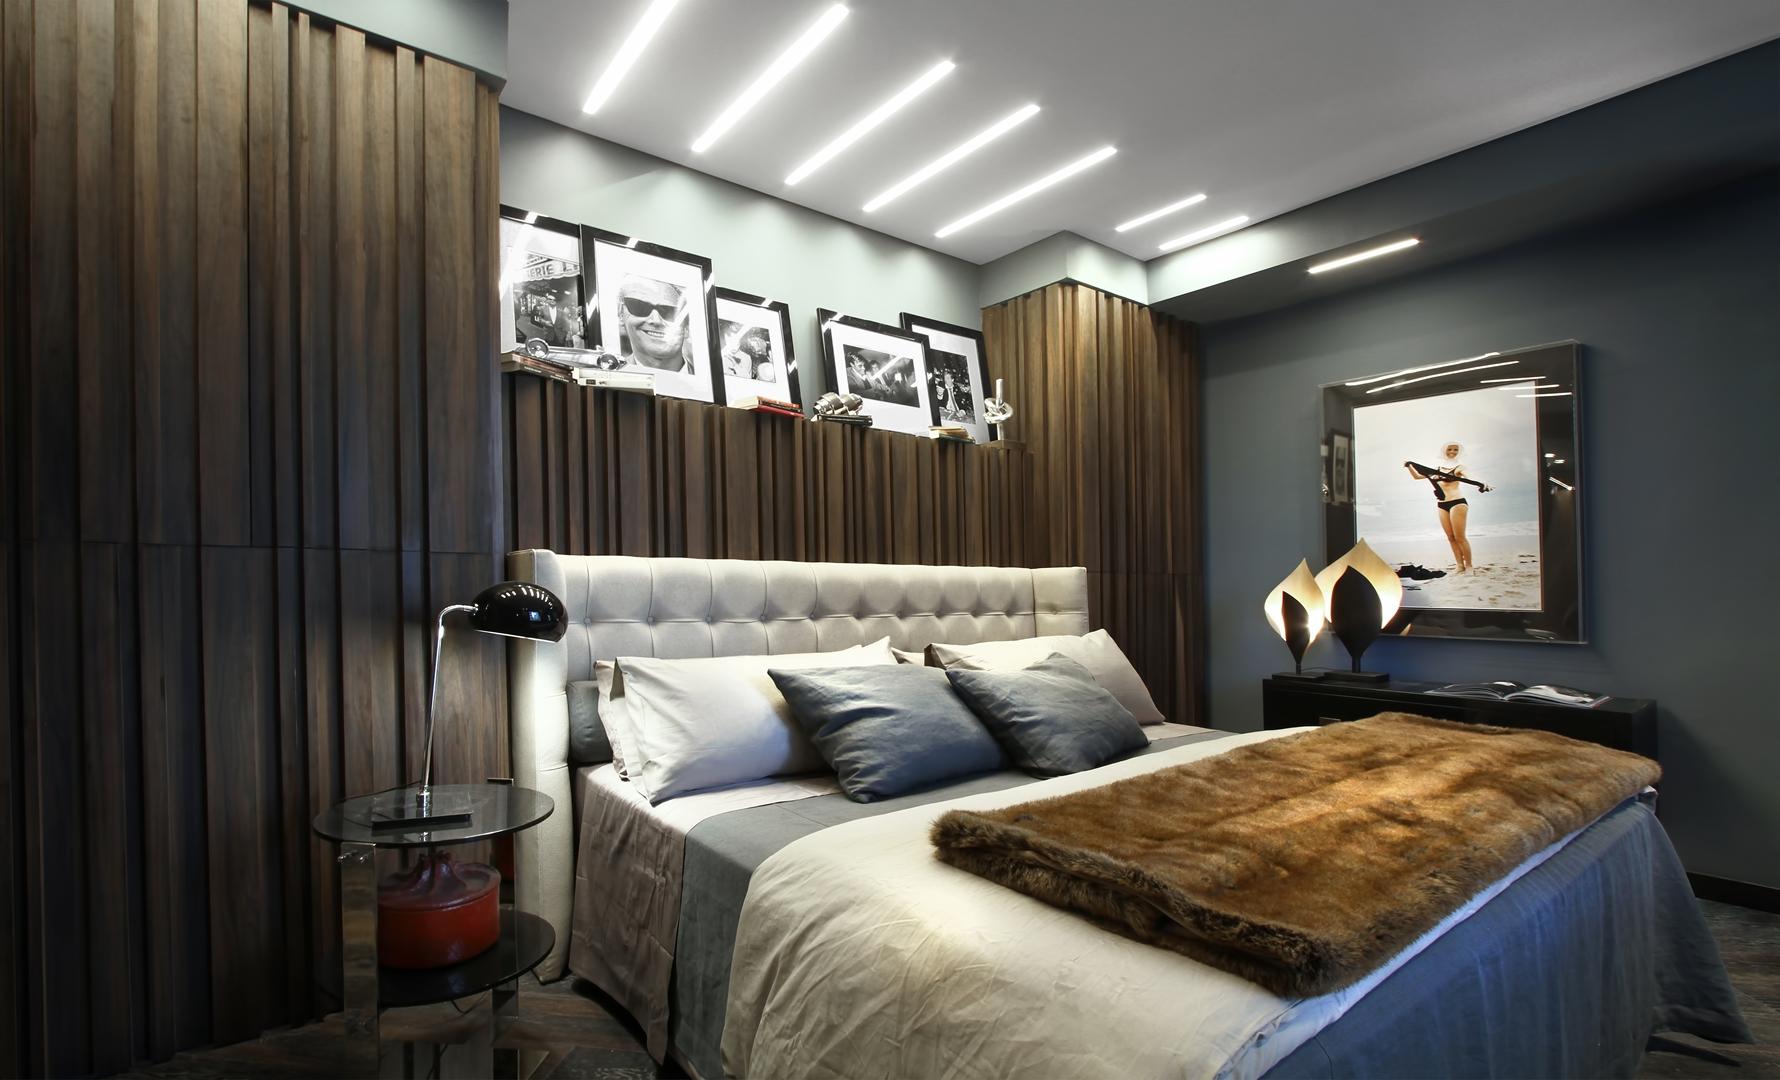 Revista estilo propio arquitectura y dise o arte y for Disenos de cuartos para hombre